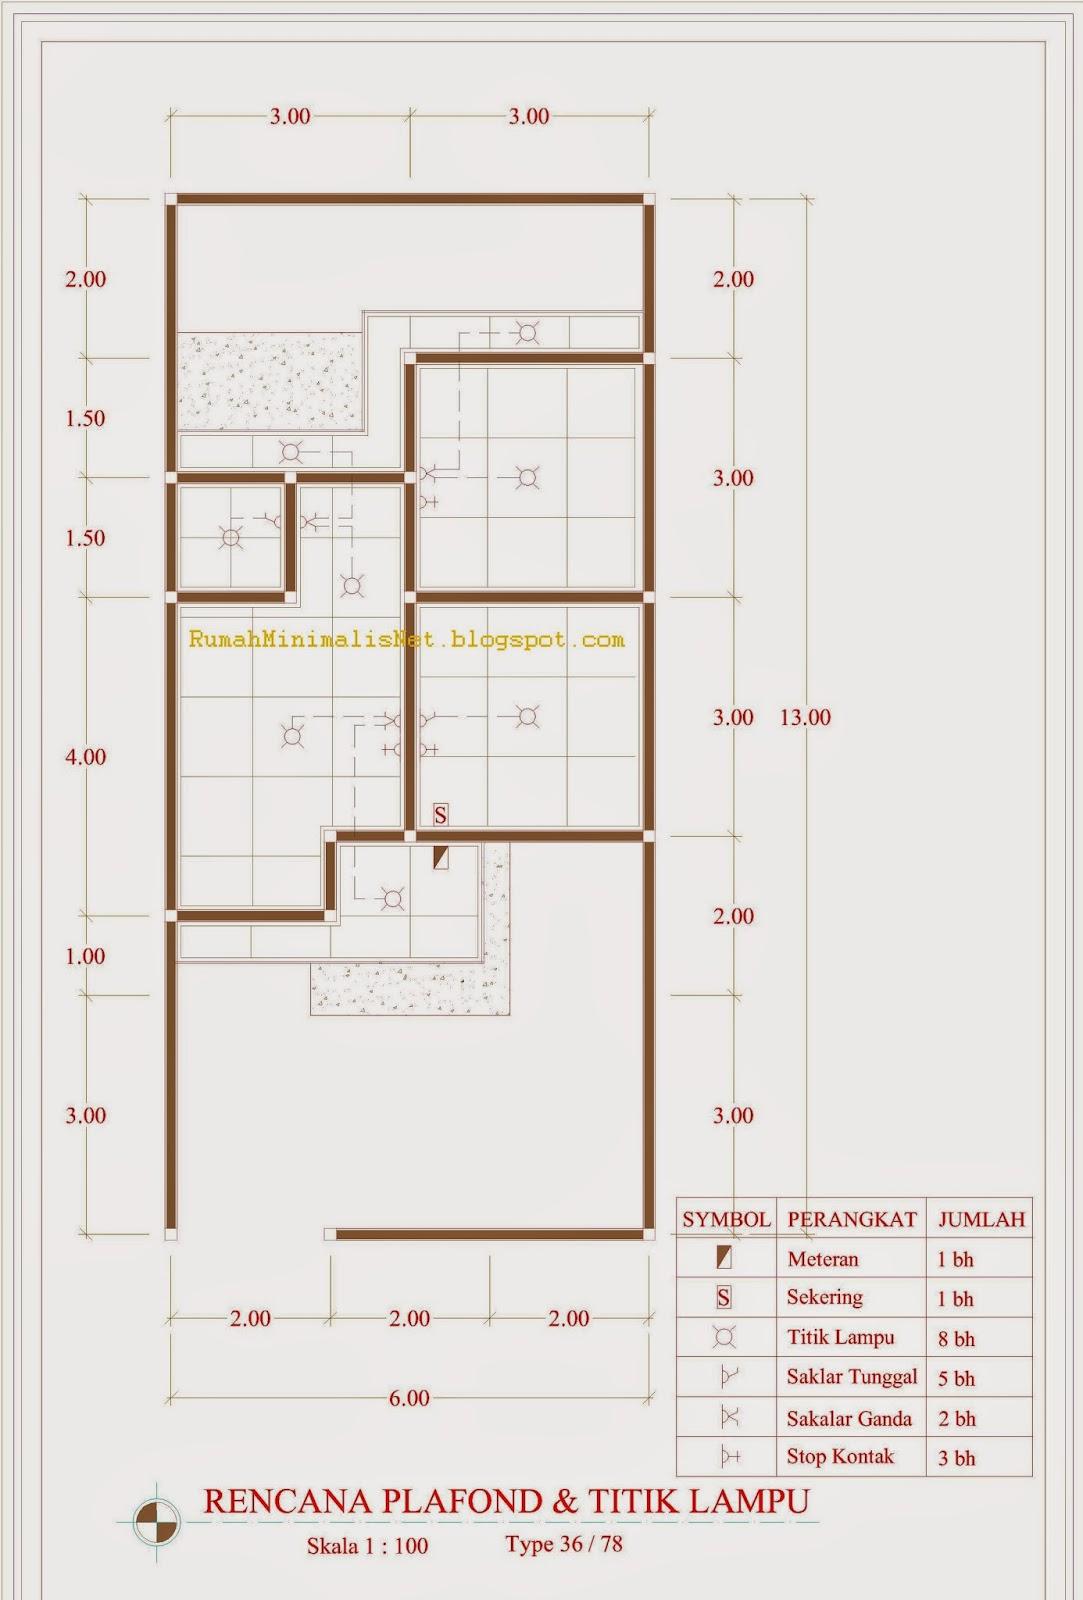 Contoh Denah Rumah Minimalis Type 36 / 78 Solusi Hunian ...